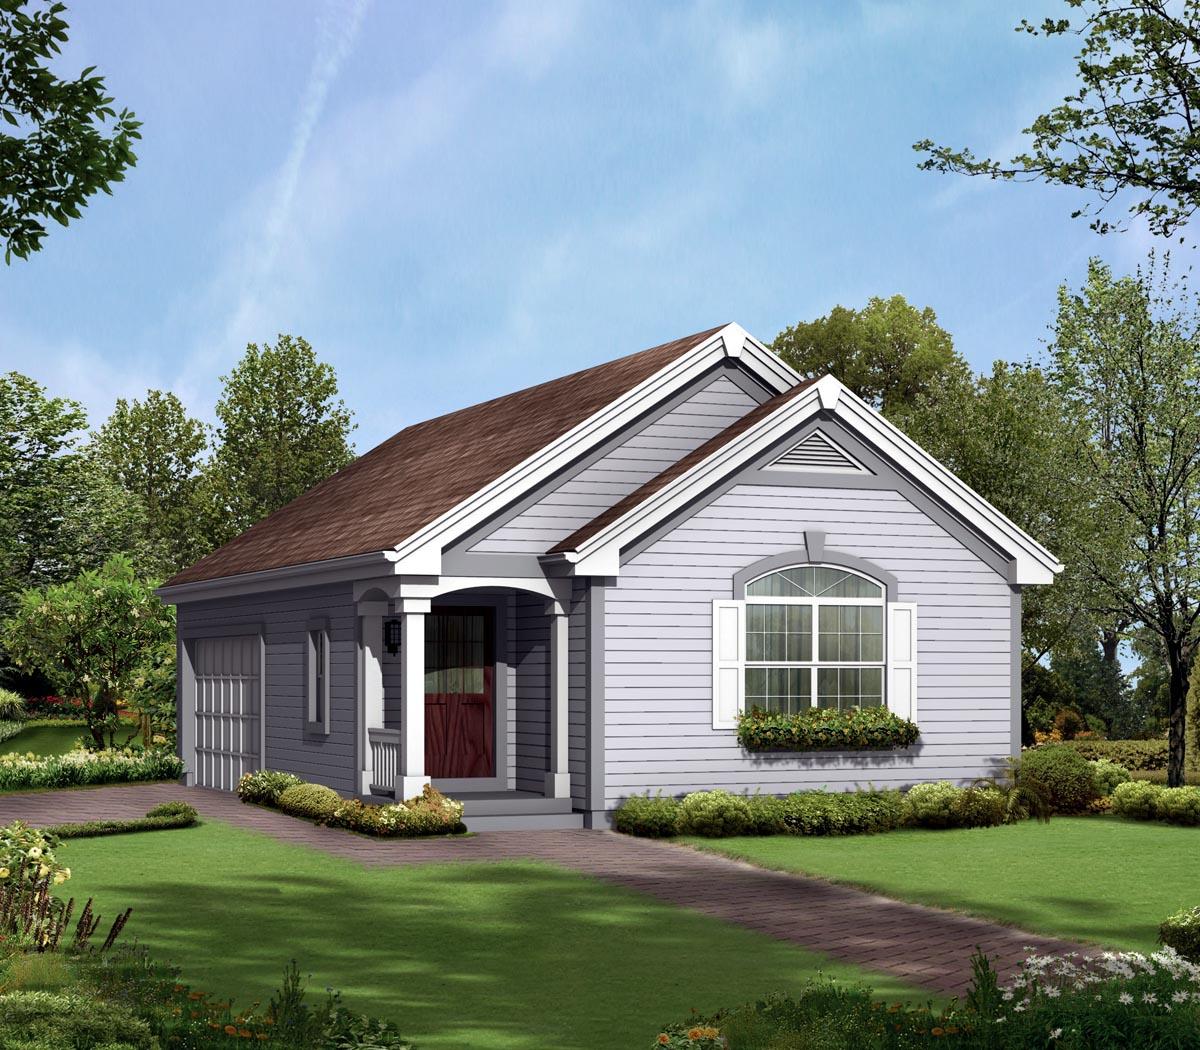 Garage Plan 95833 At Familyhomeplans Com: Garage Plan 95933 At FamilyHomePlans.com